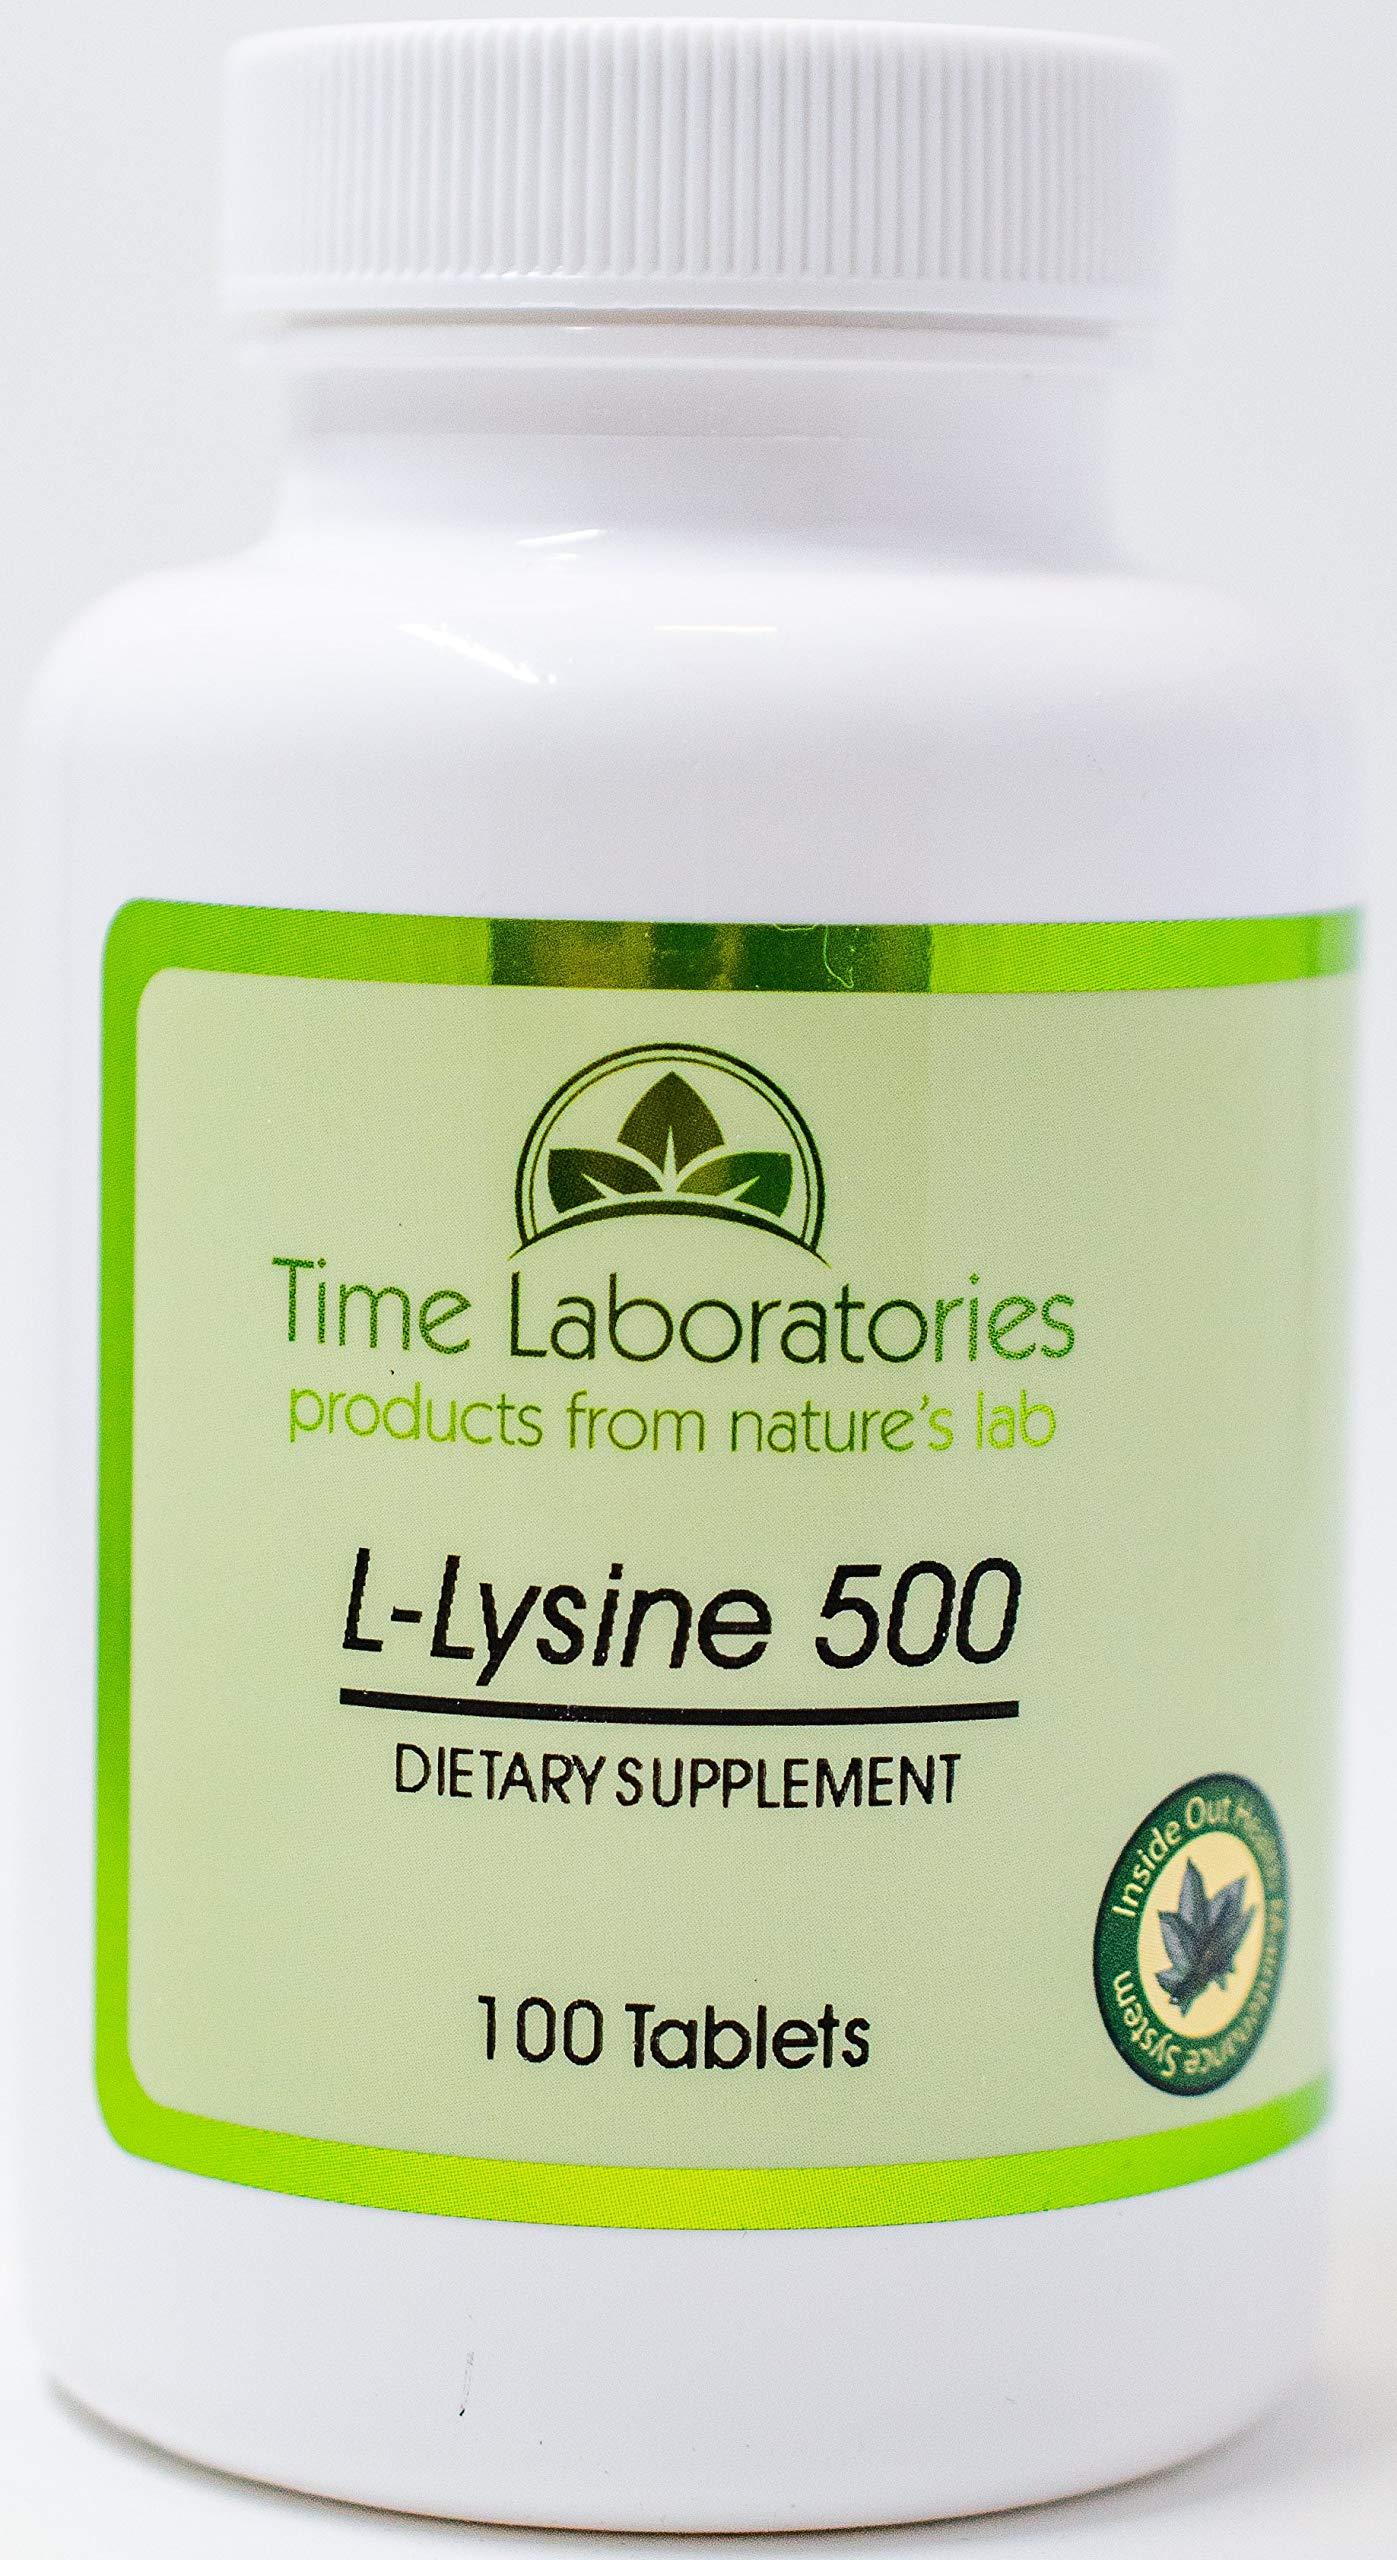 L-Lysine 500